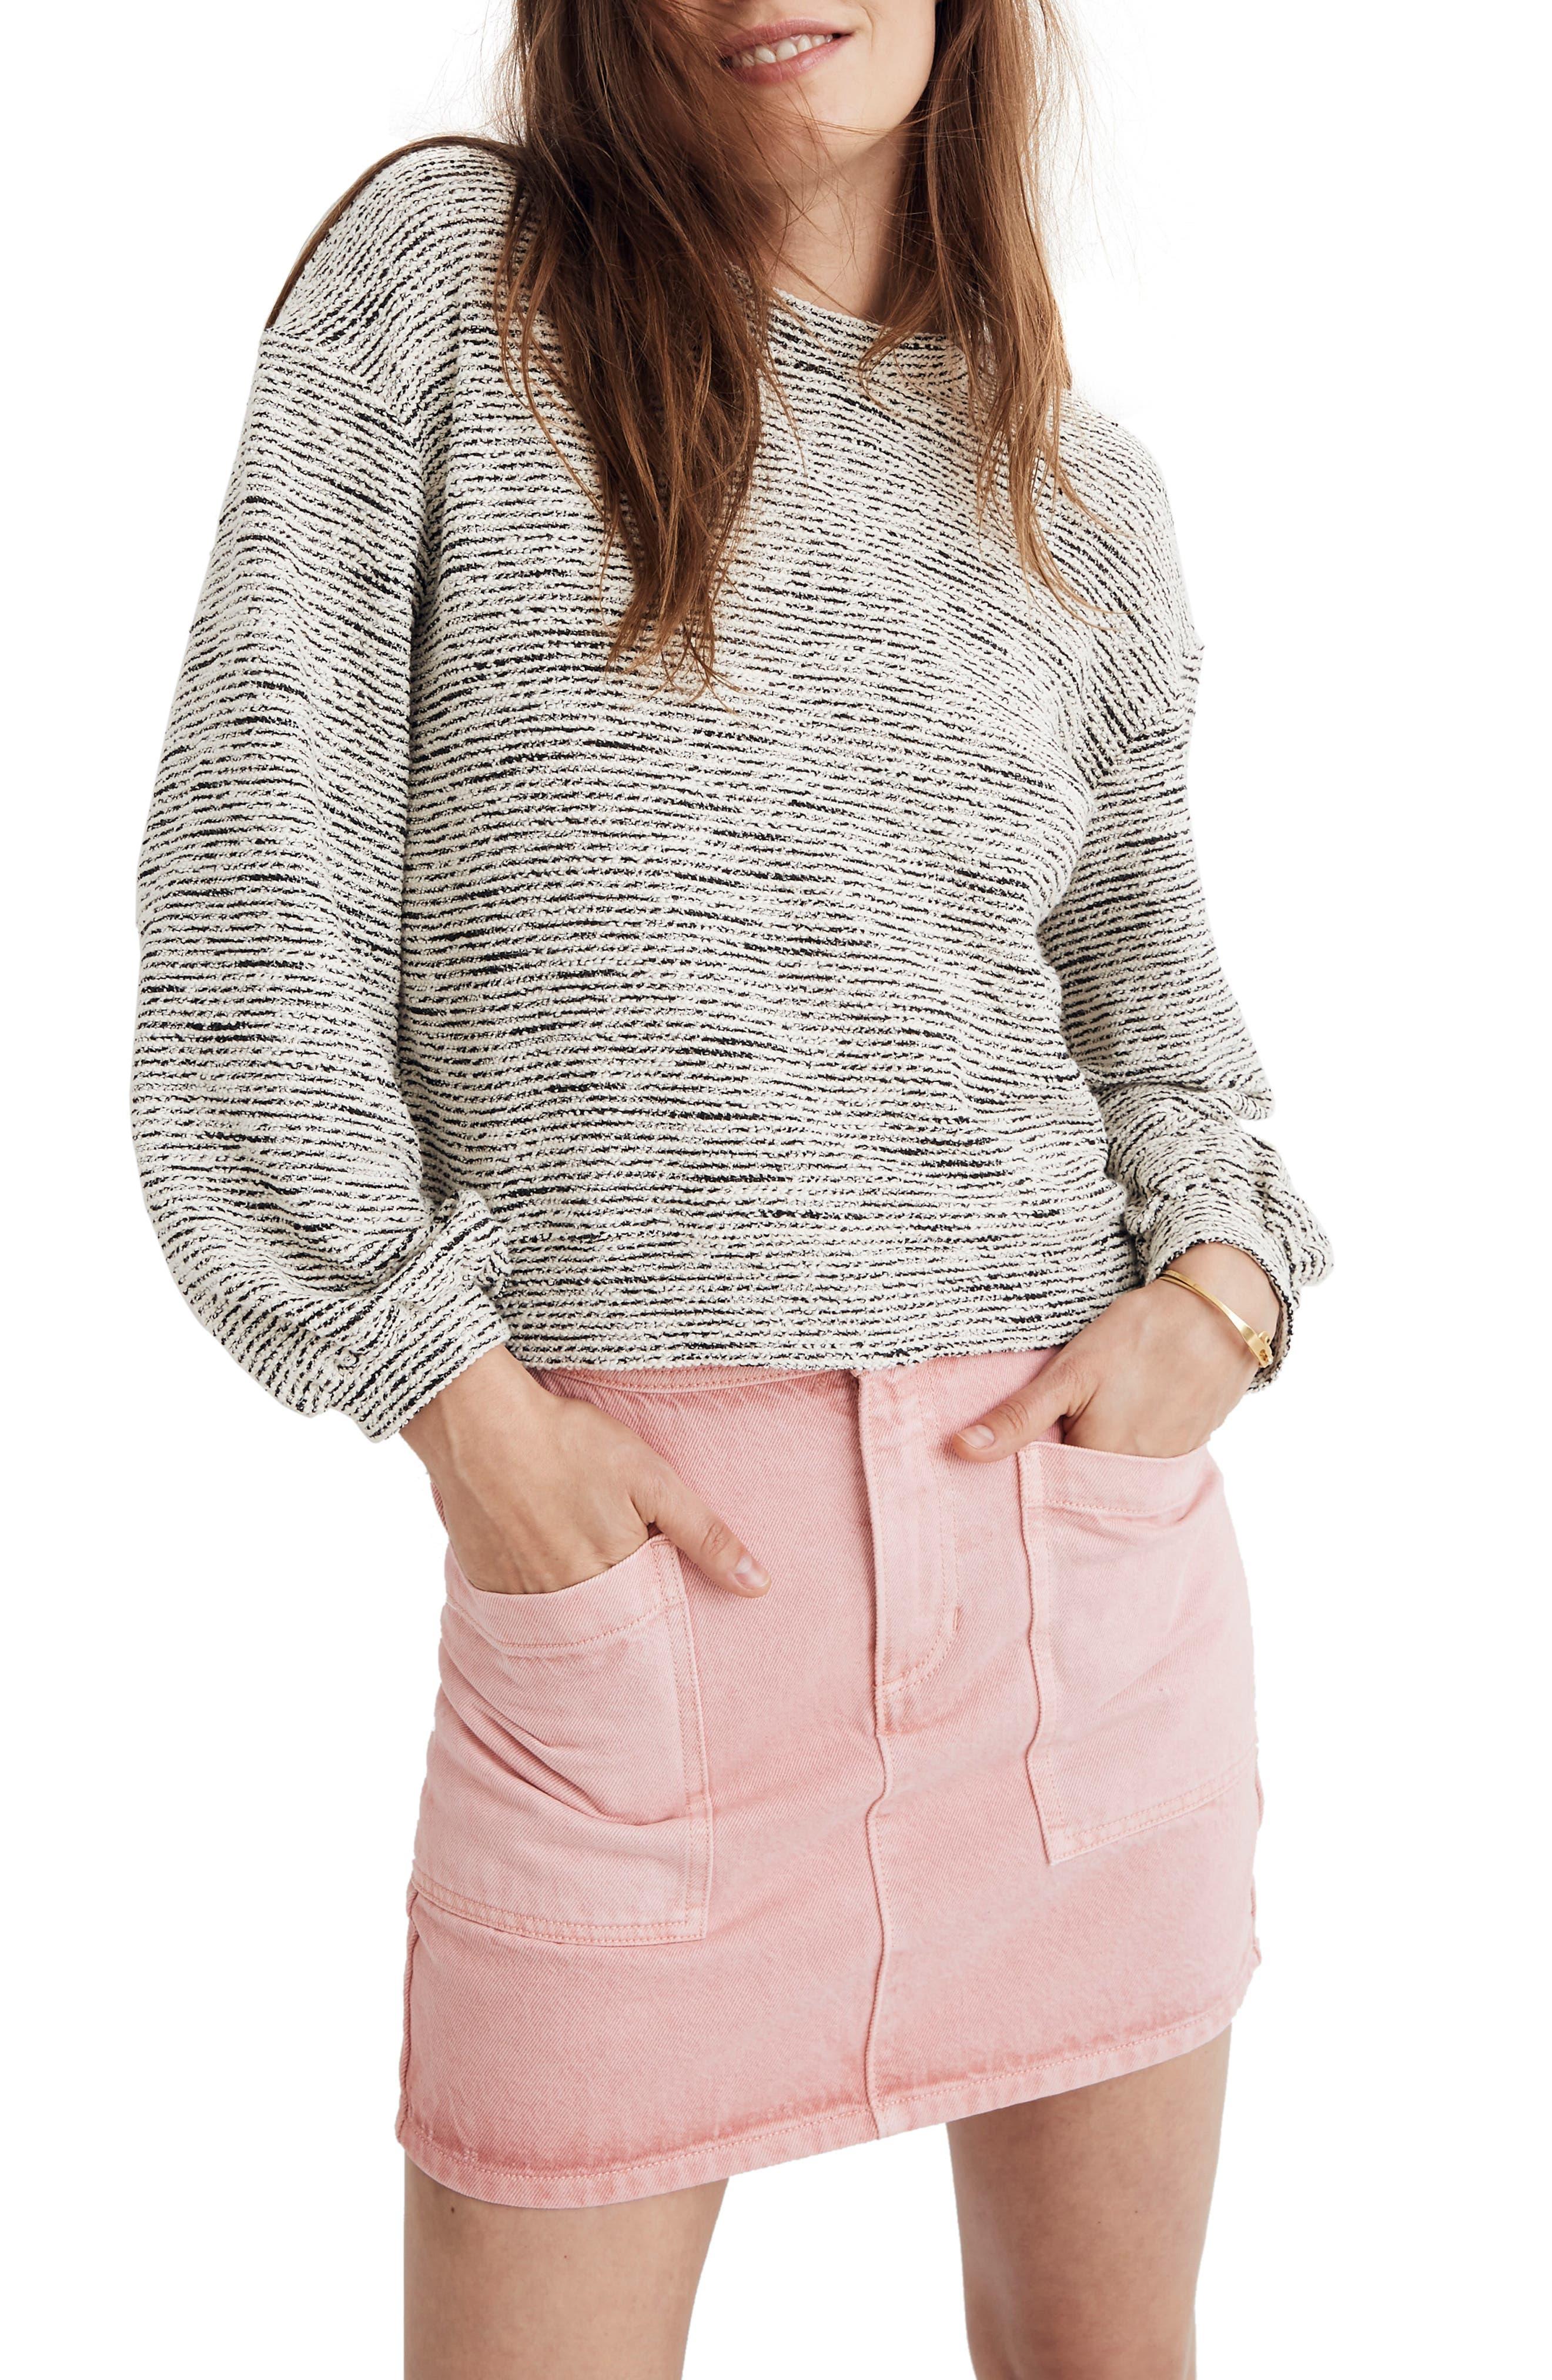 MADEWELL, Texture & Thread Bubble Sleeve Sweatshirt, Main thumbnail 1, color, HEATHER GREY